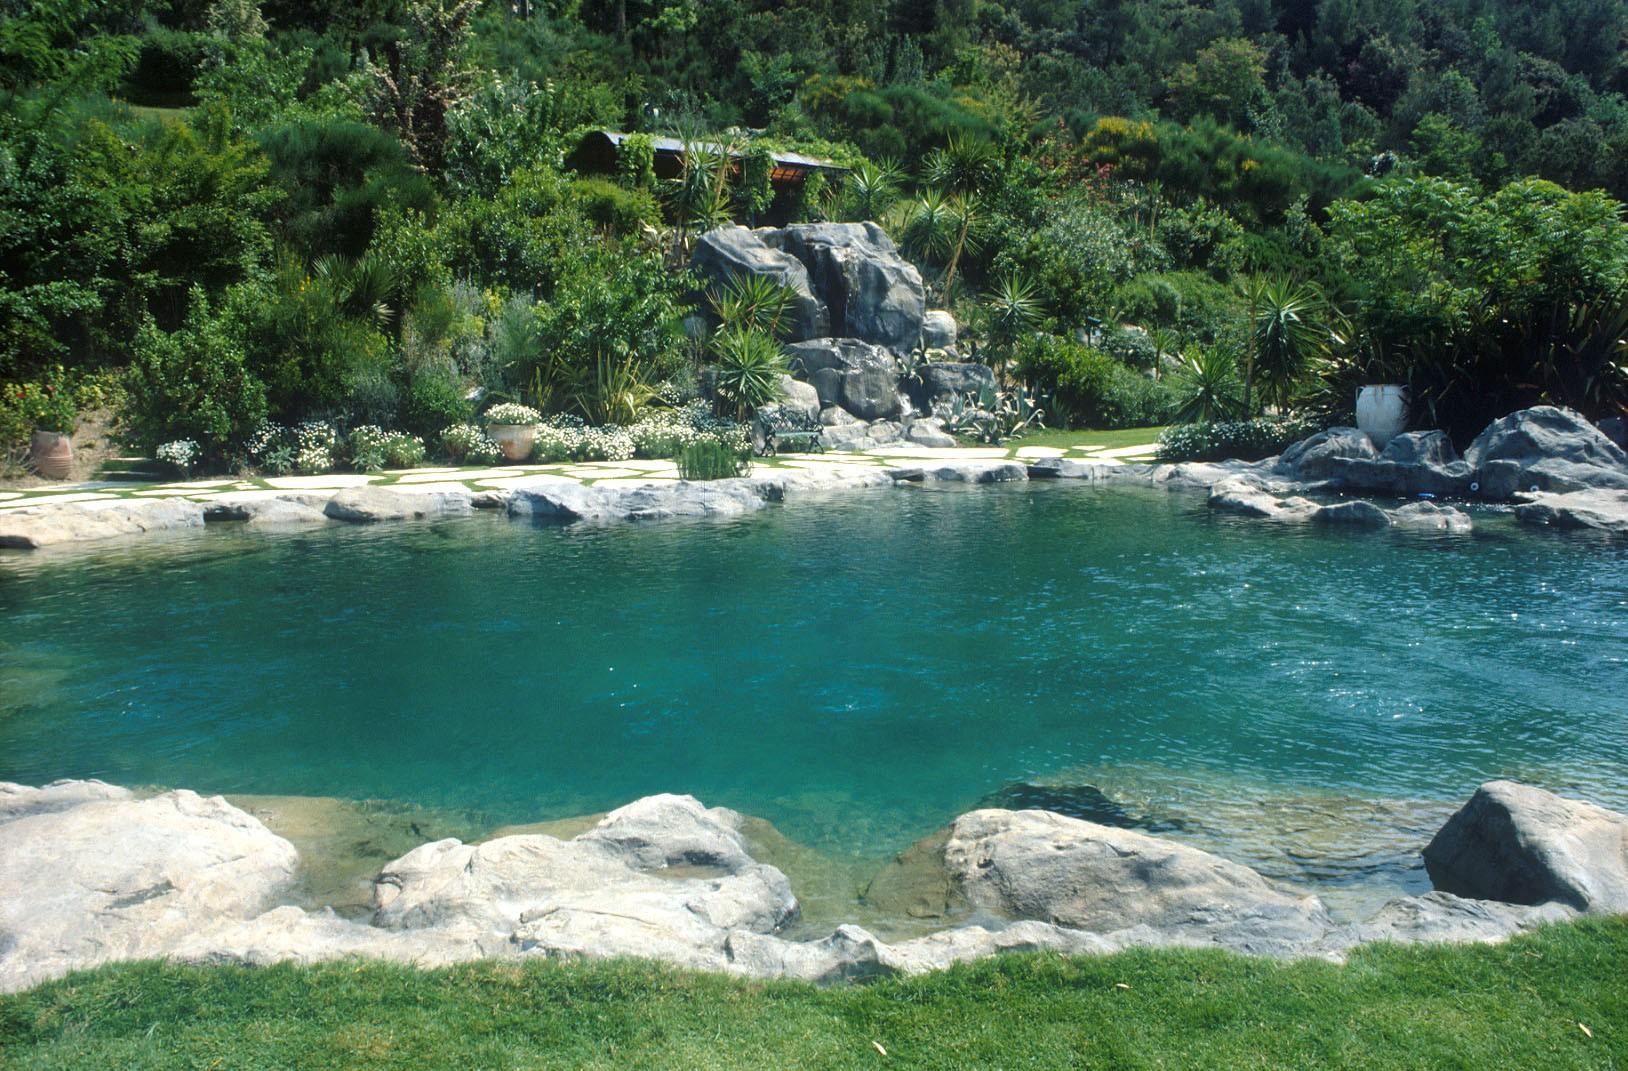 L'incredibile ricostruzione di un bacino naturale - Piscine